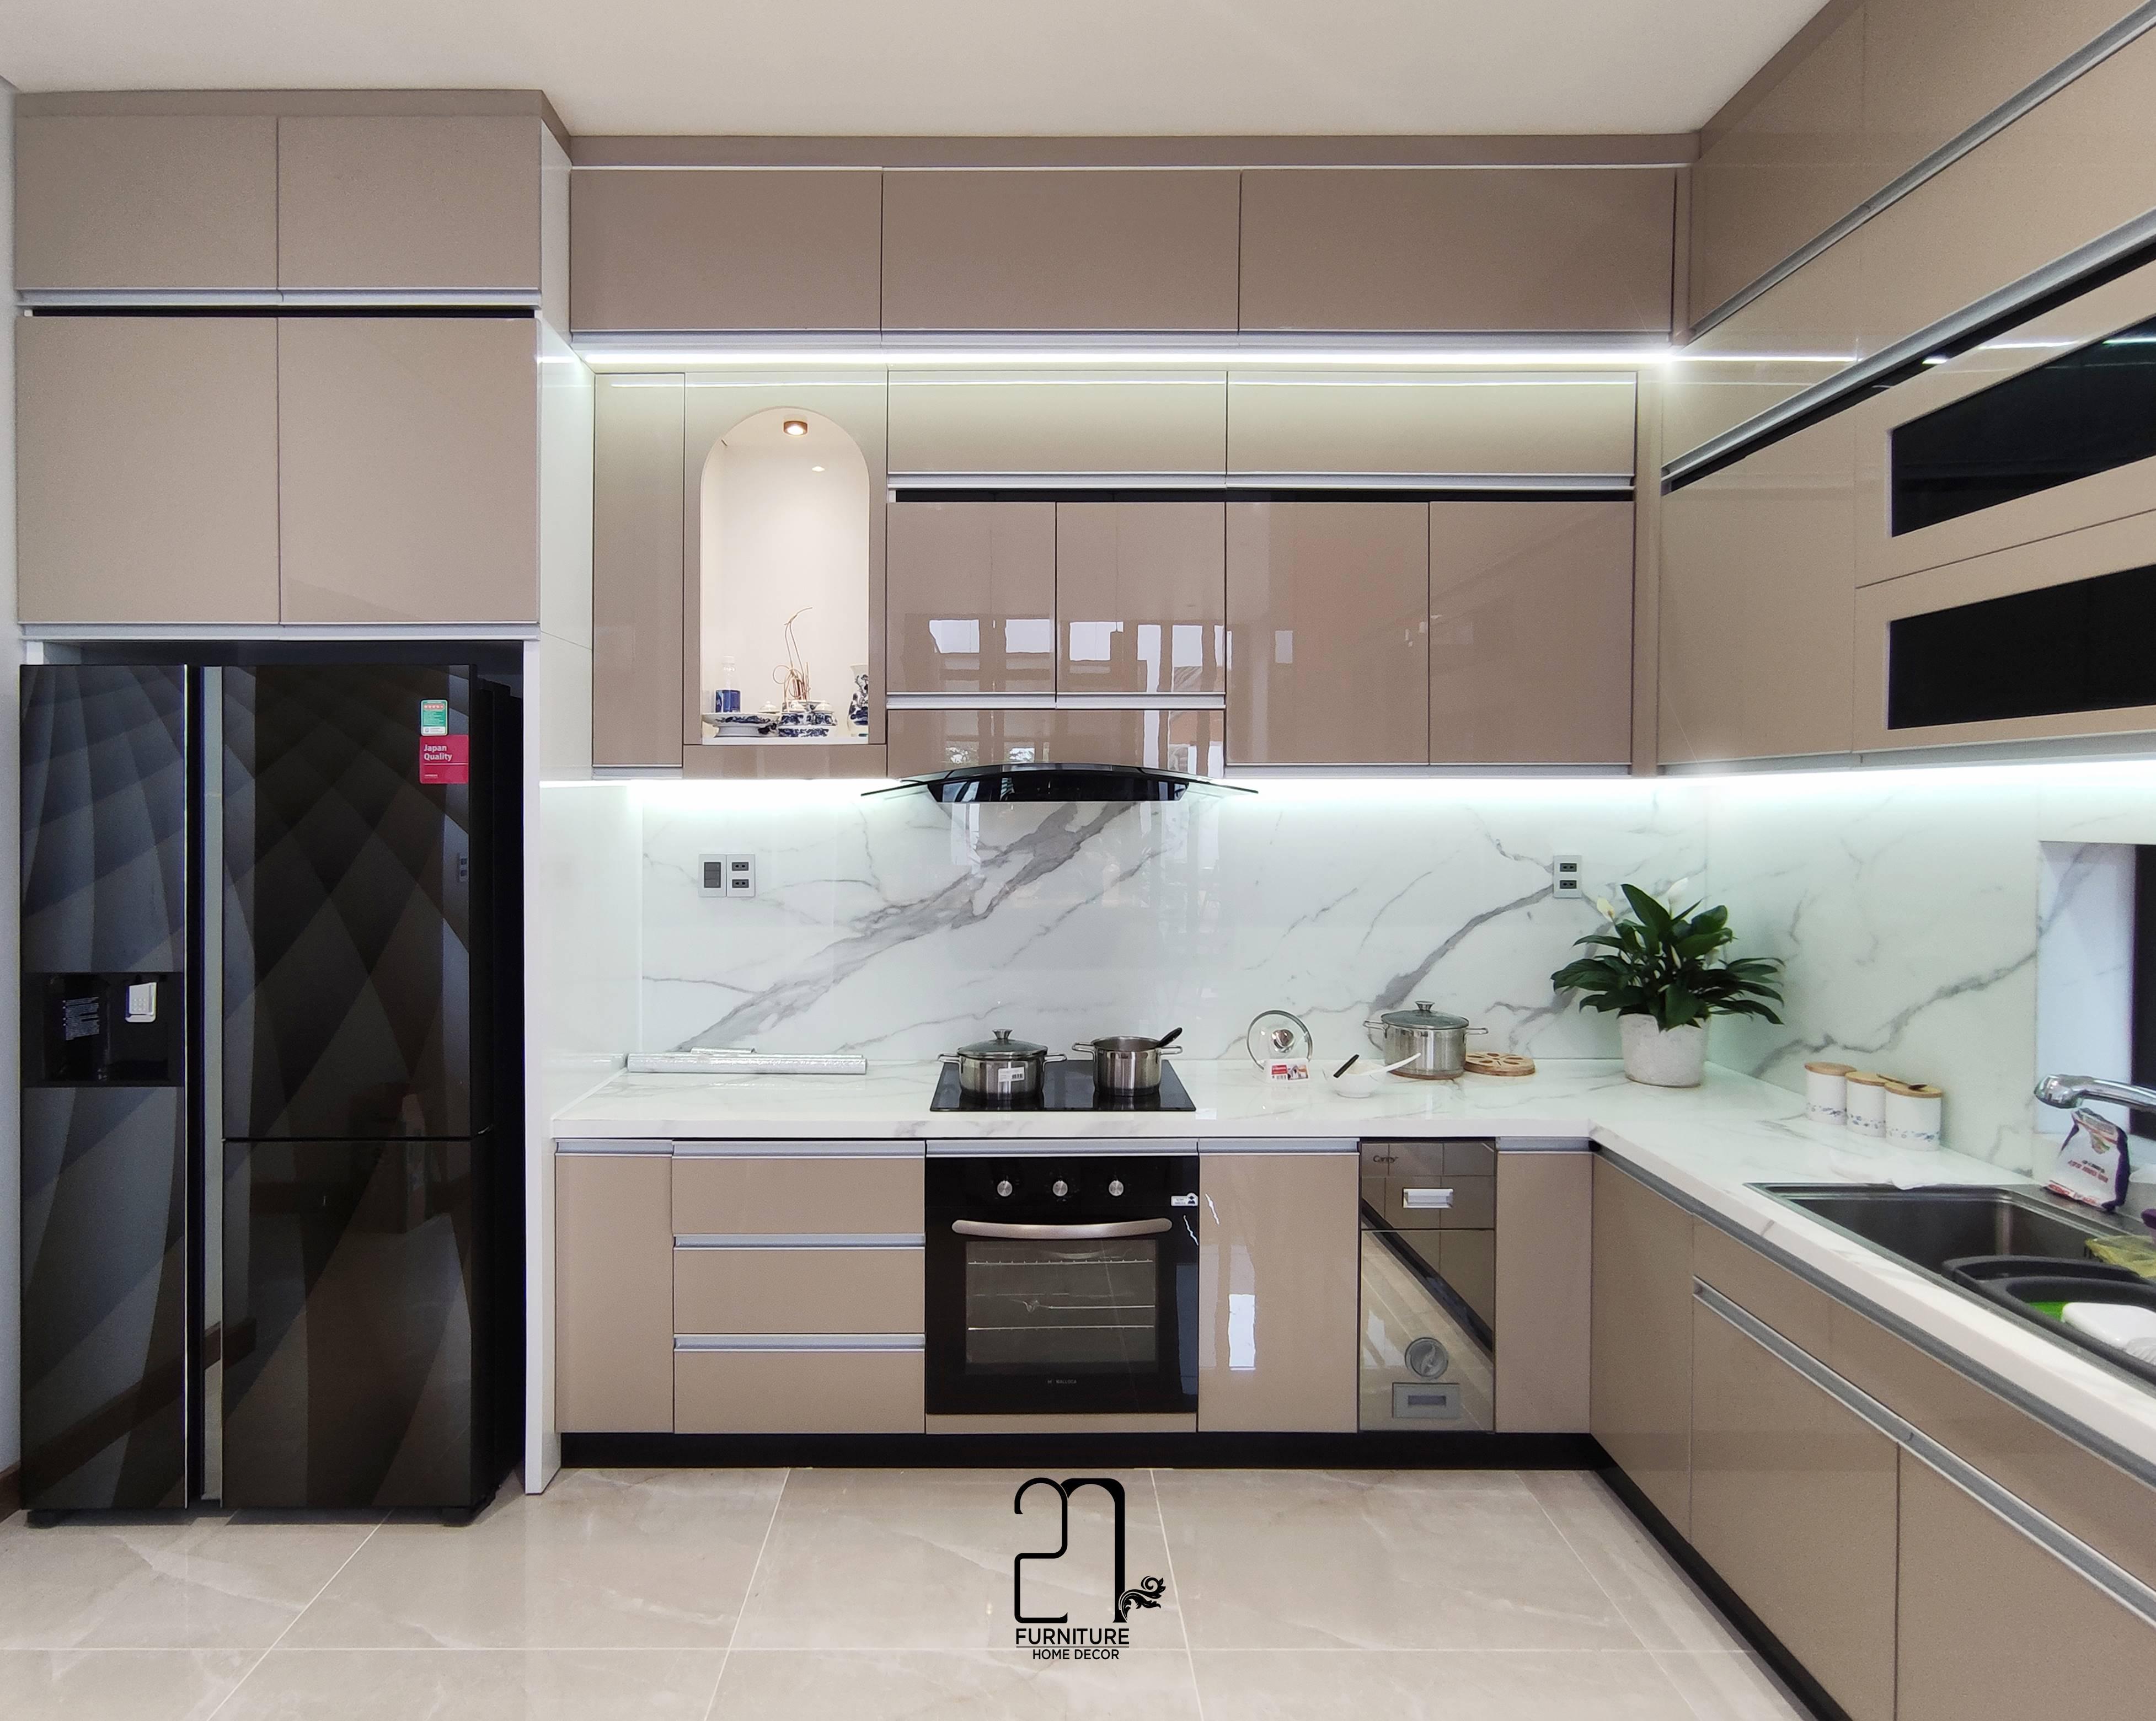 Thiết kế Biệt Thự tại Đồng Nai Thiết kế thi công biệt thự phố Biên Hòa 1631351894 9